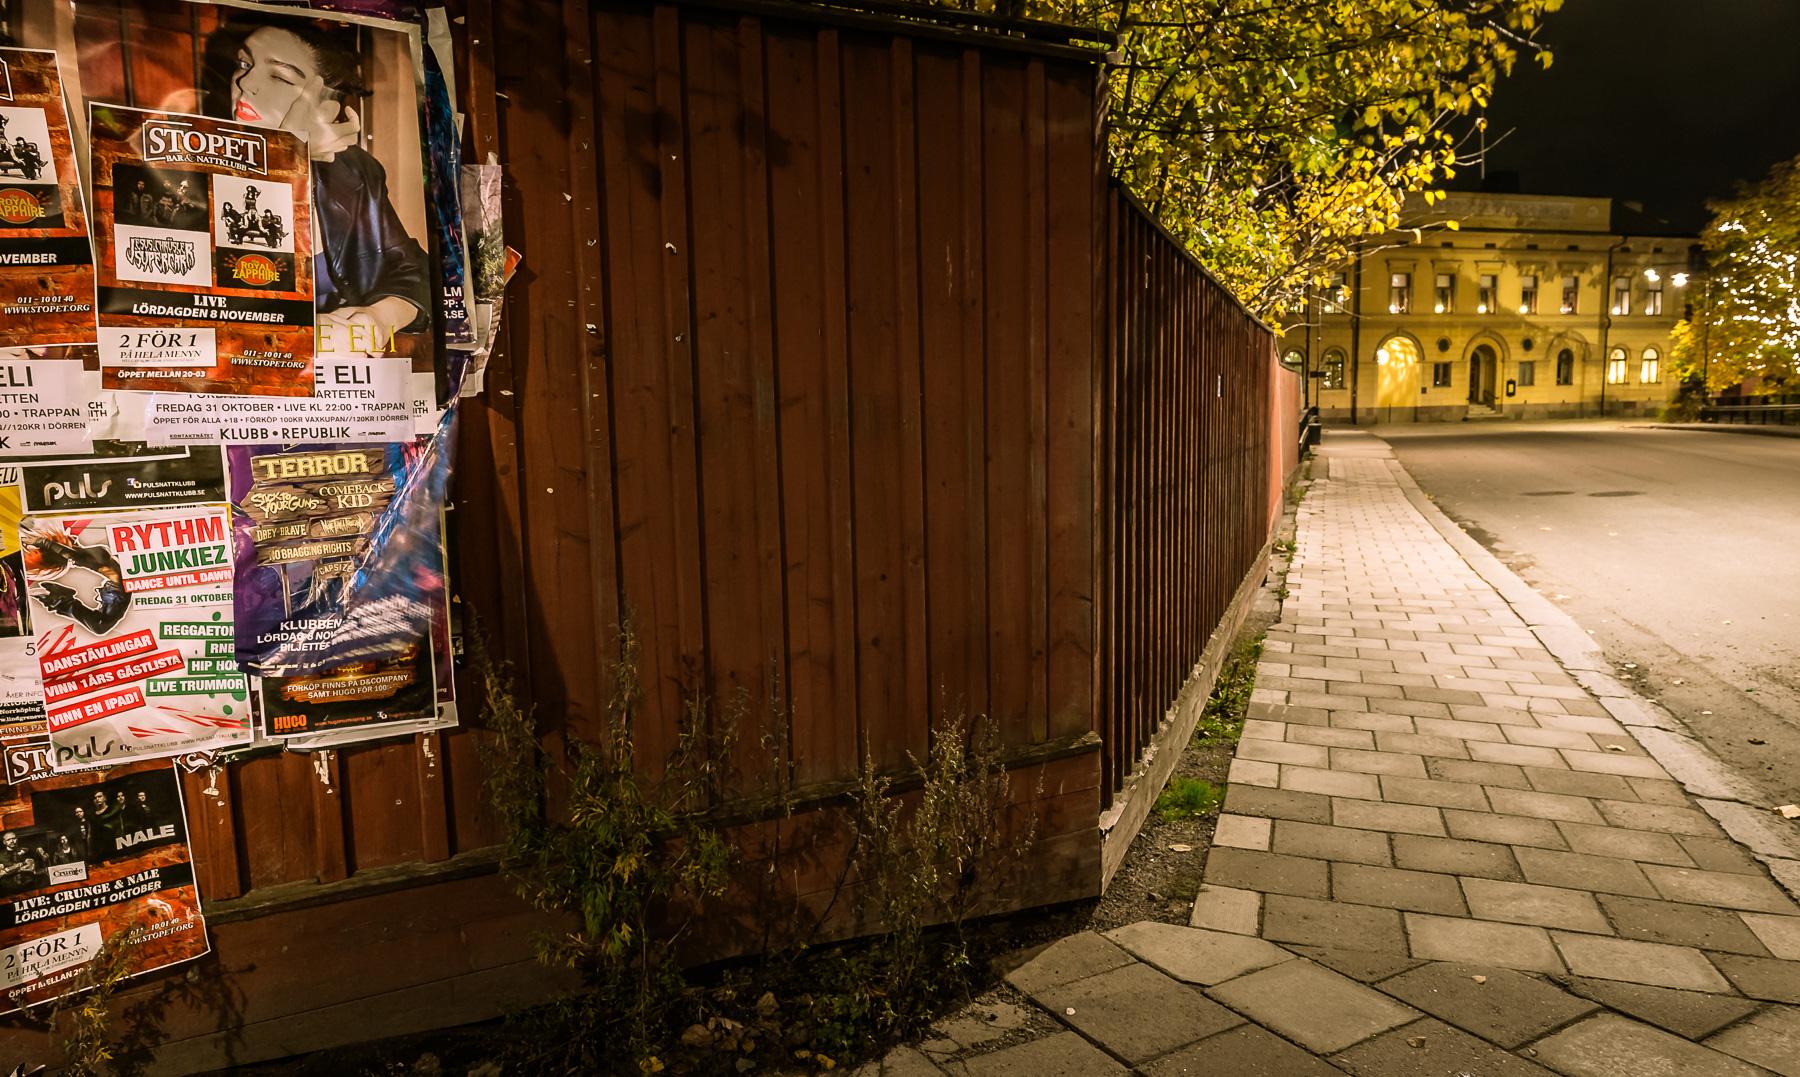 2014-10-26 Industrilandskapet i mörker hemsidebilder-106